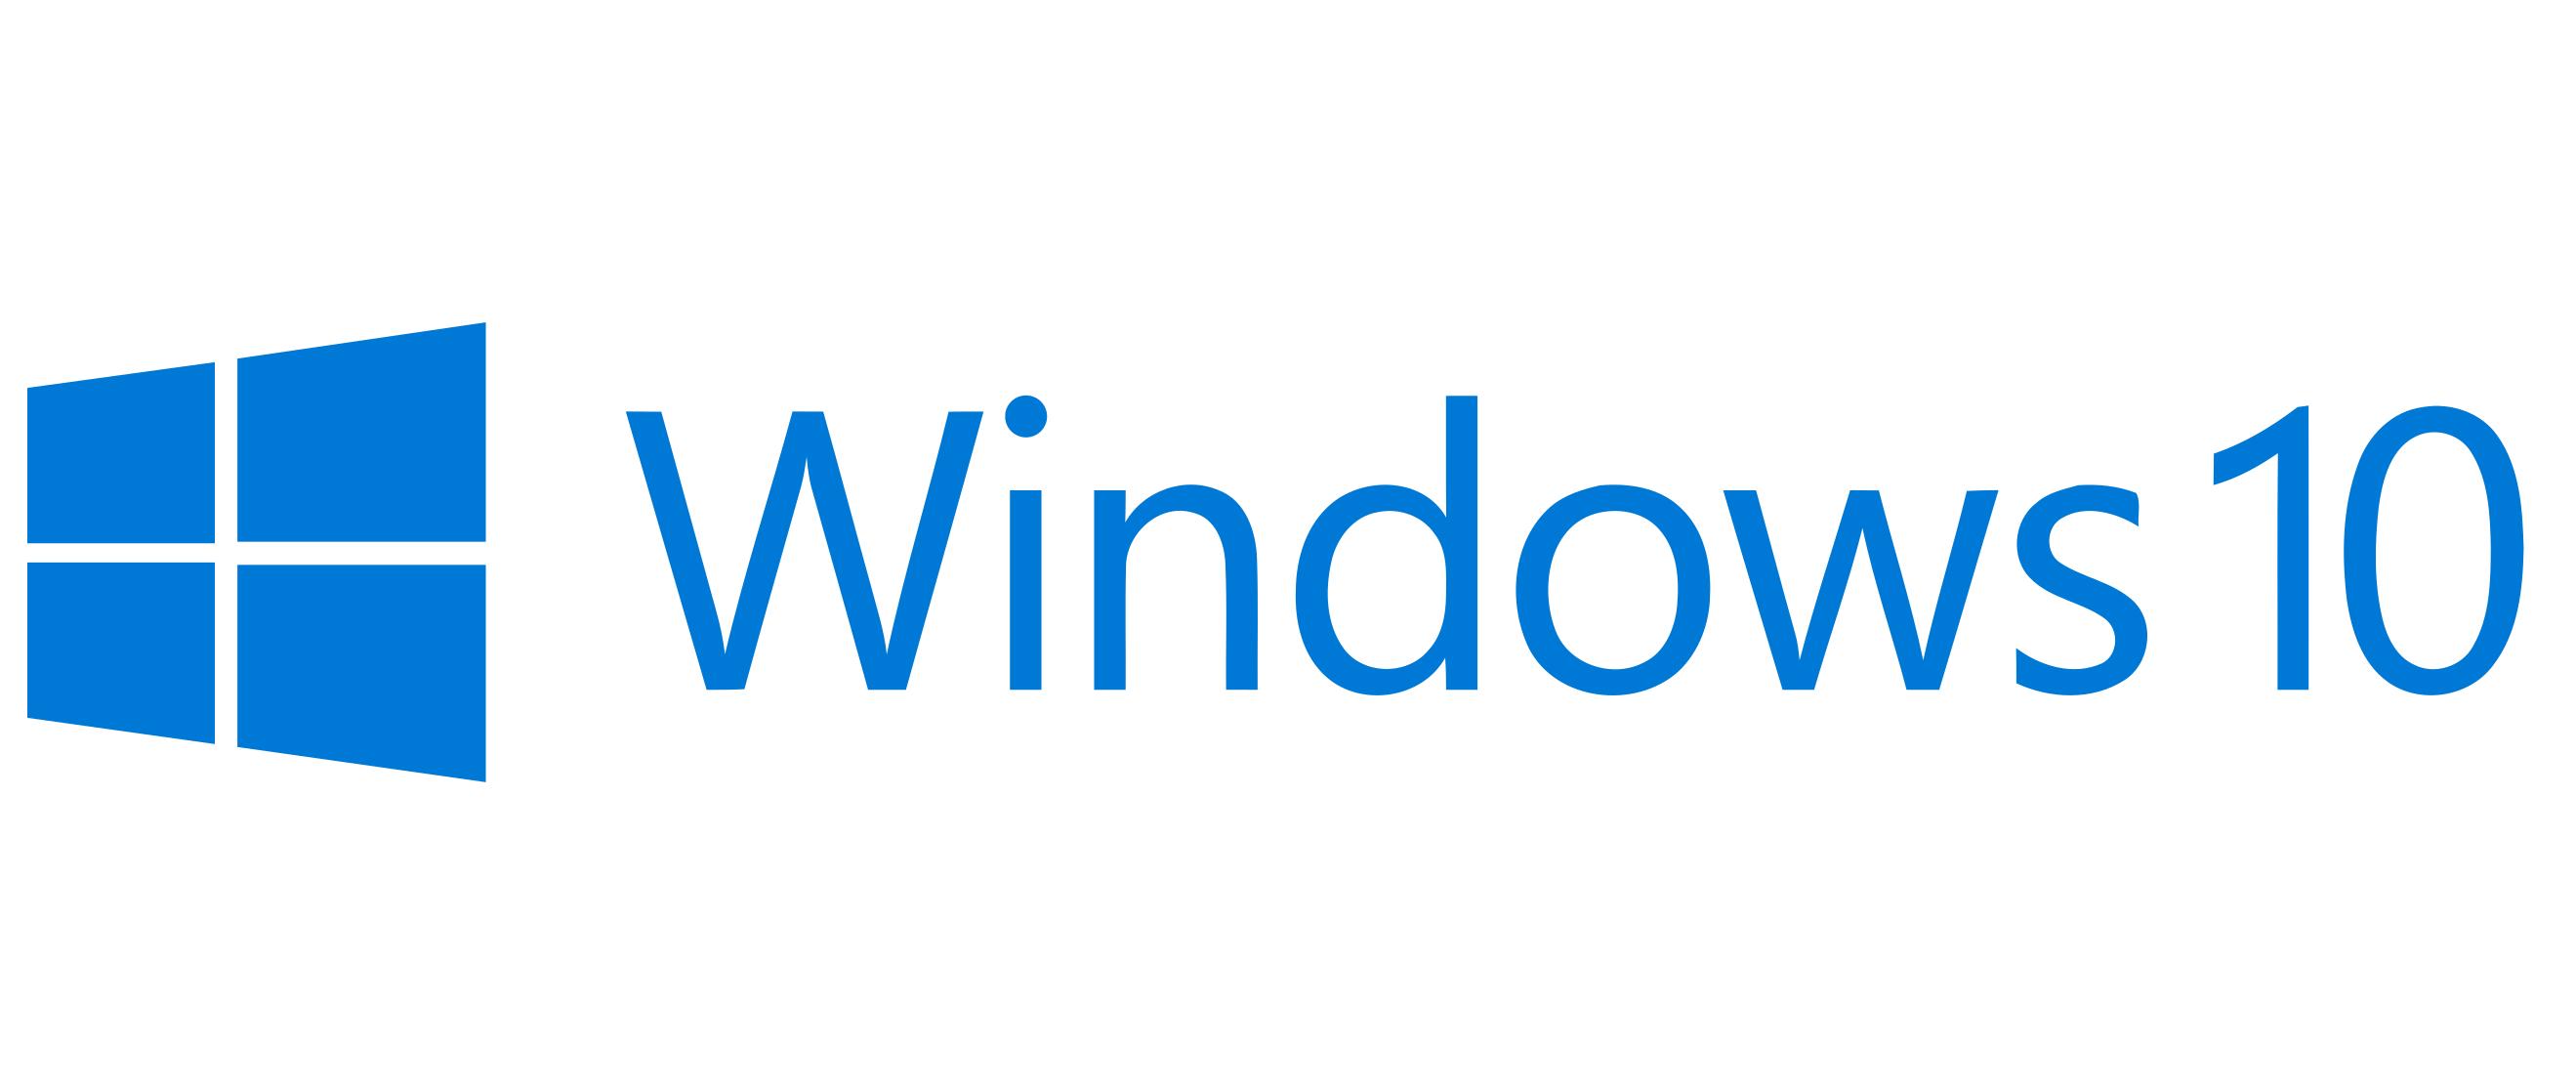 מיקרוסופט תביא ל-Windows 10 הטמעה עמוקה של עוזרות וירטואליות